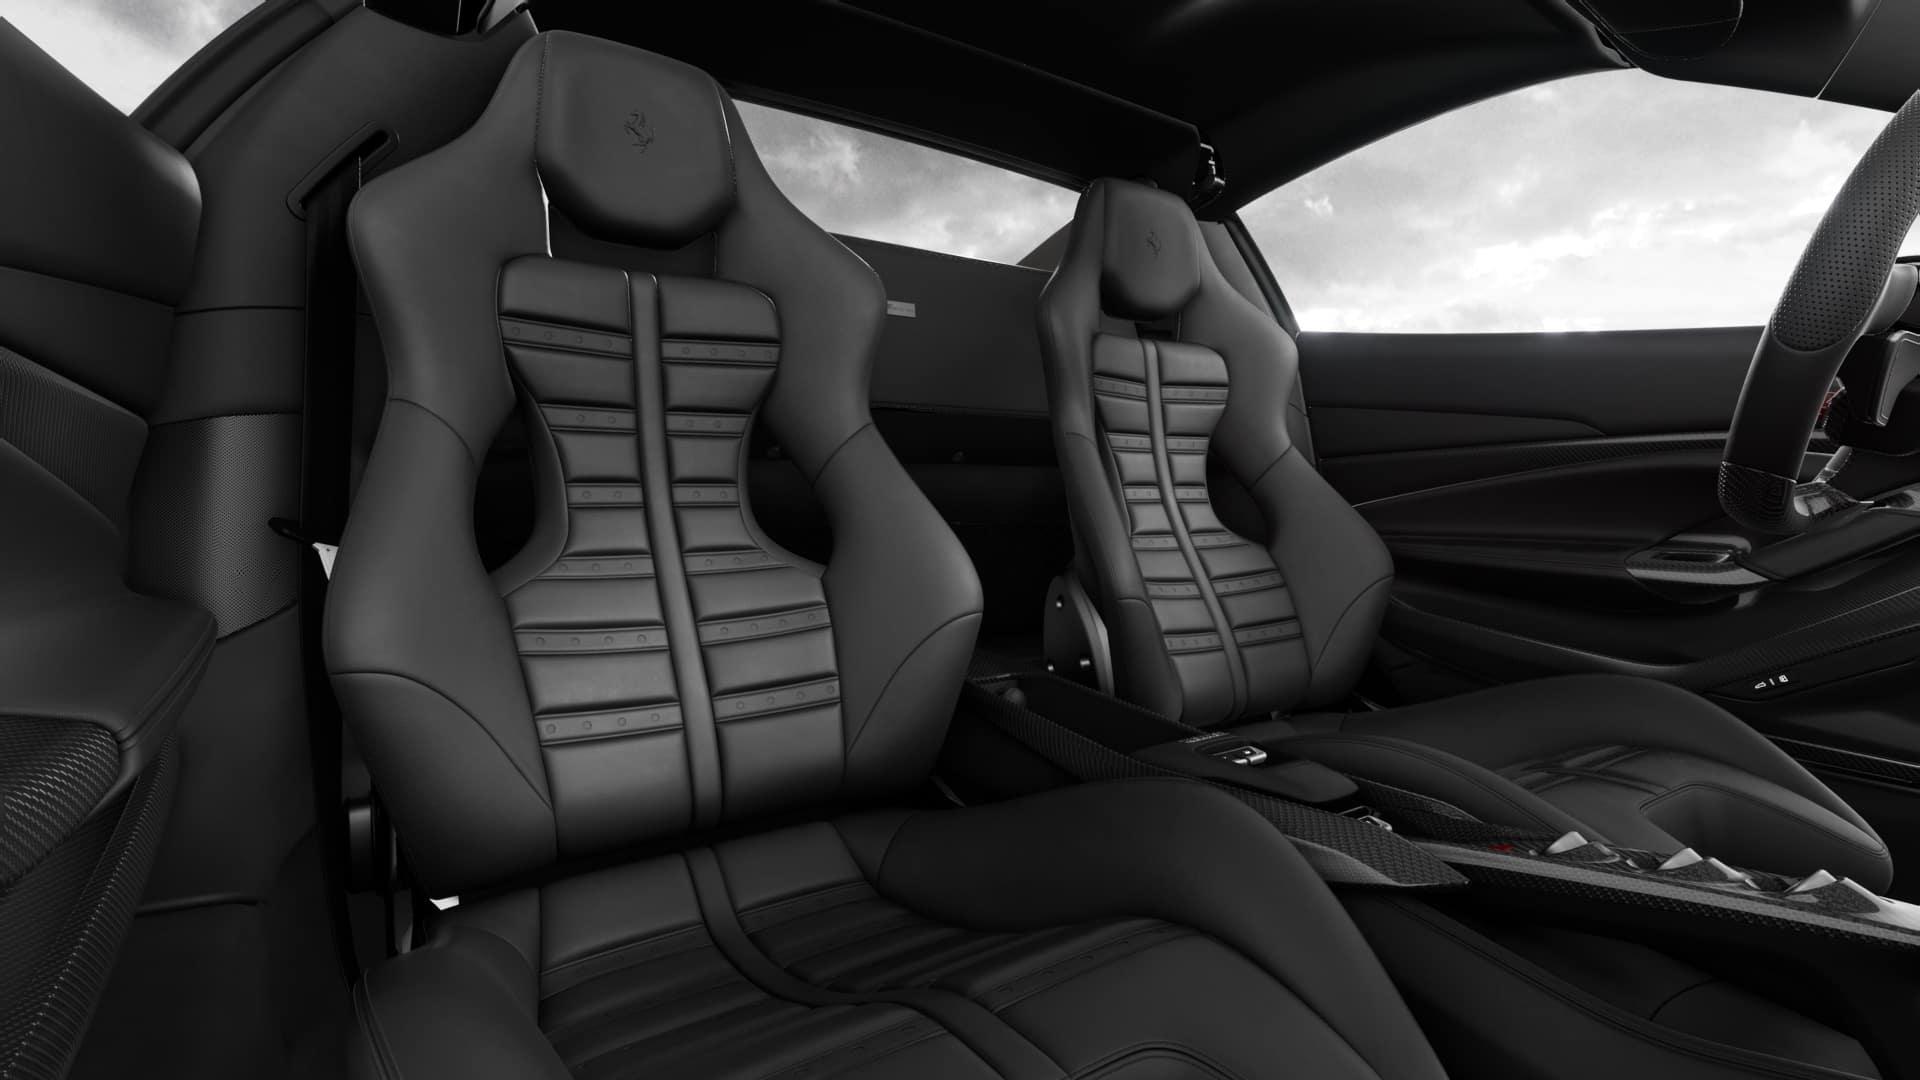 Ferrari F8 Spider Seating